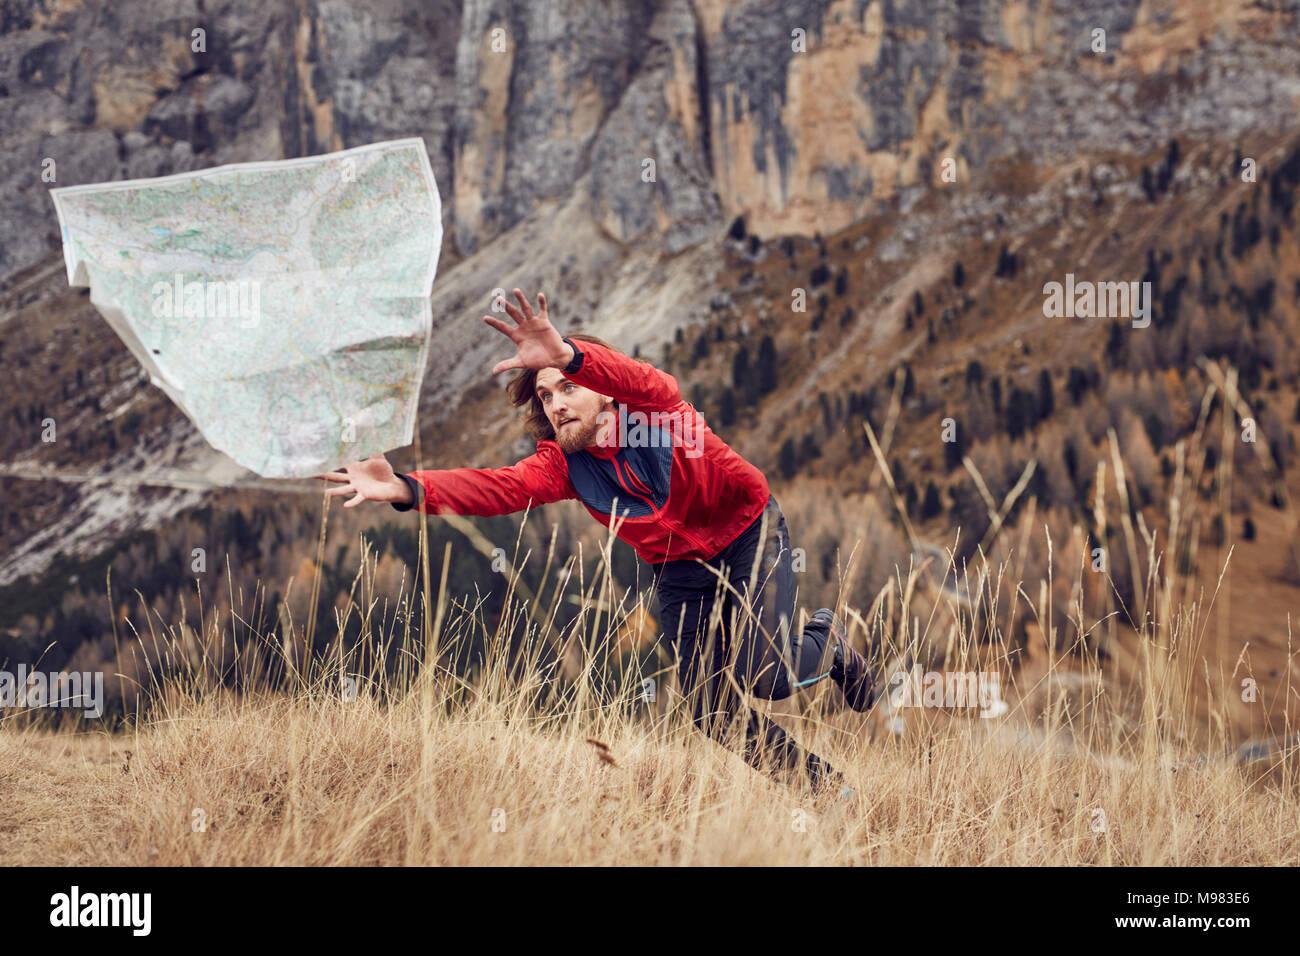 Le randonneur chasing site s'envoler Banque D'Images